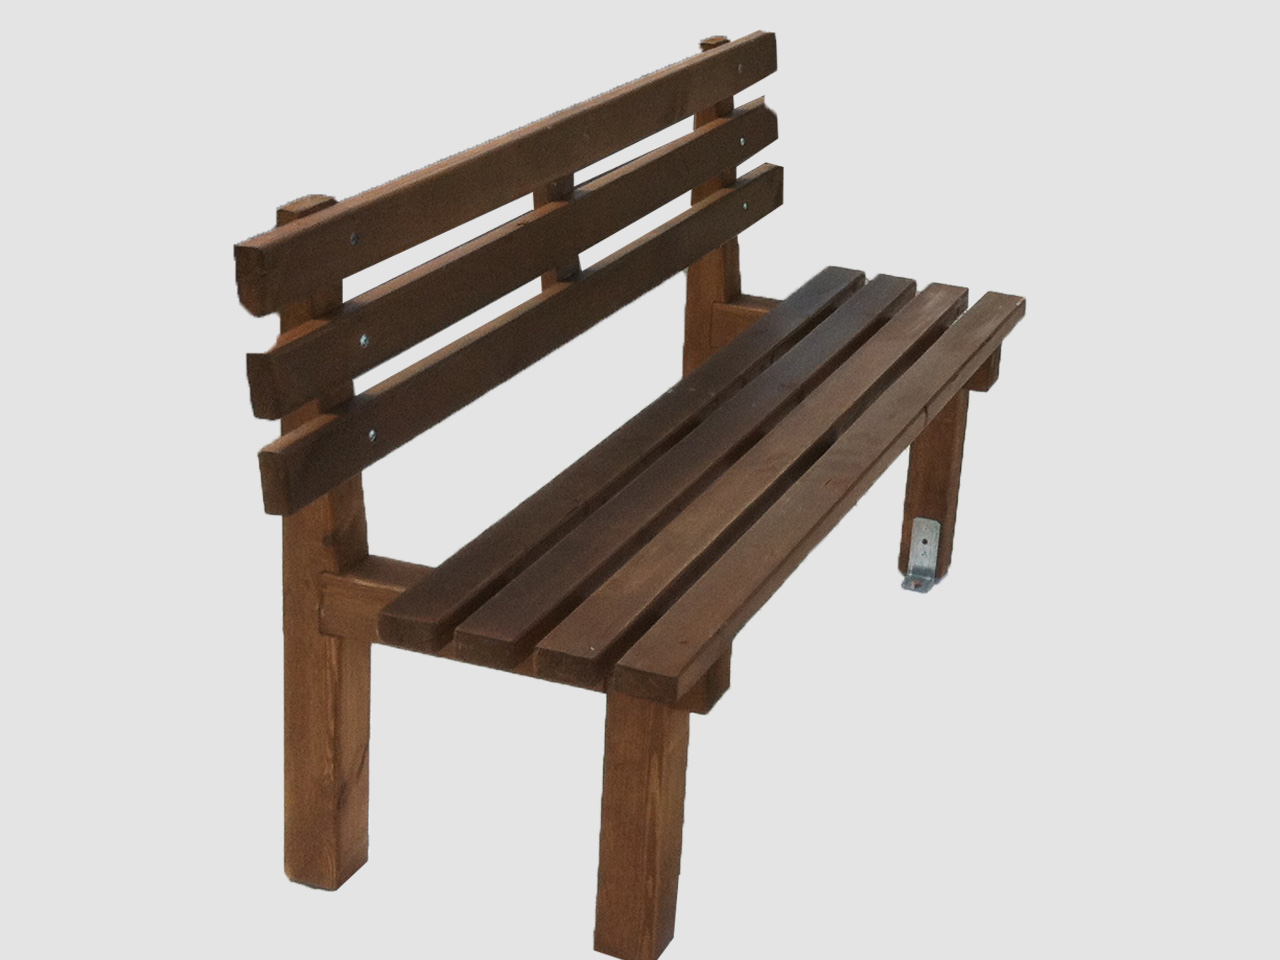 παγκακι ξυλινο